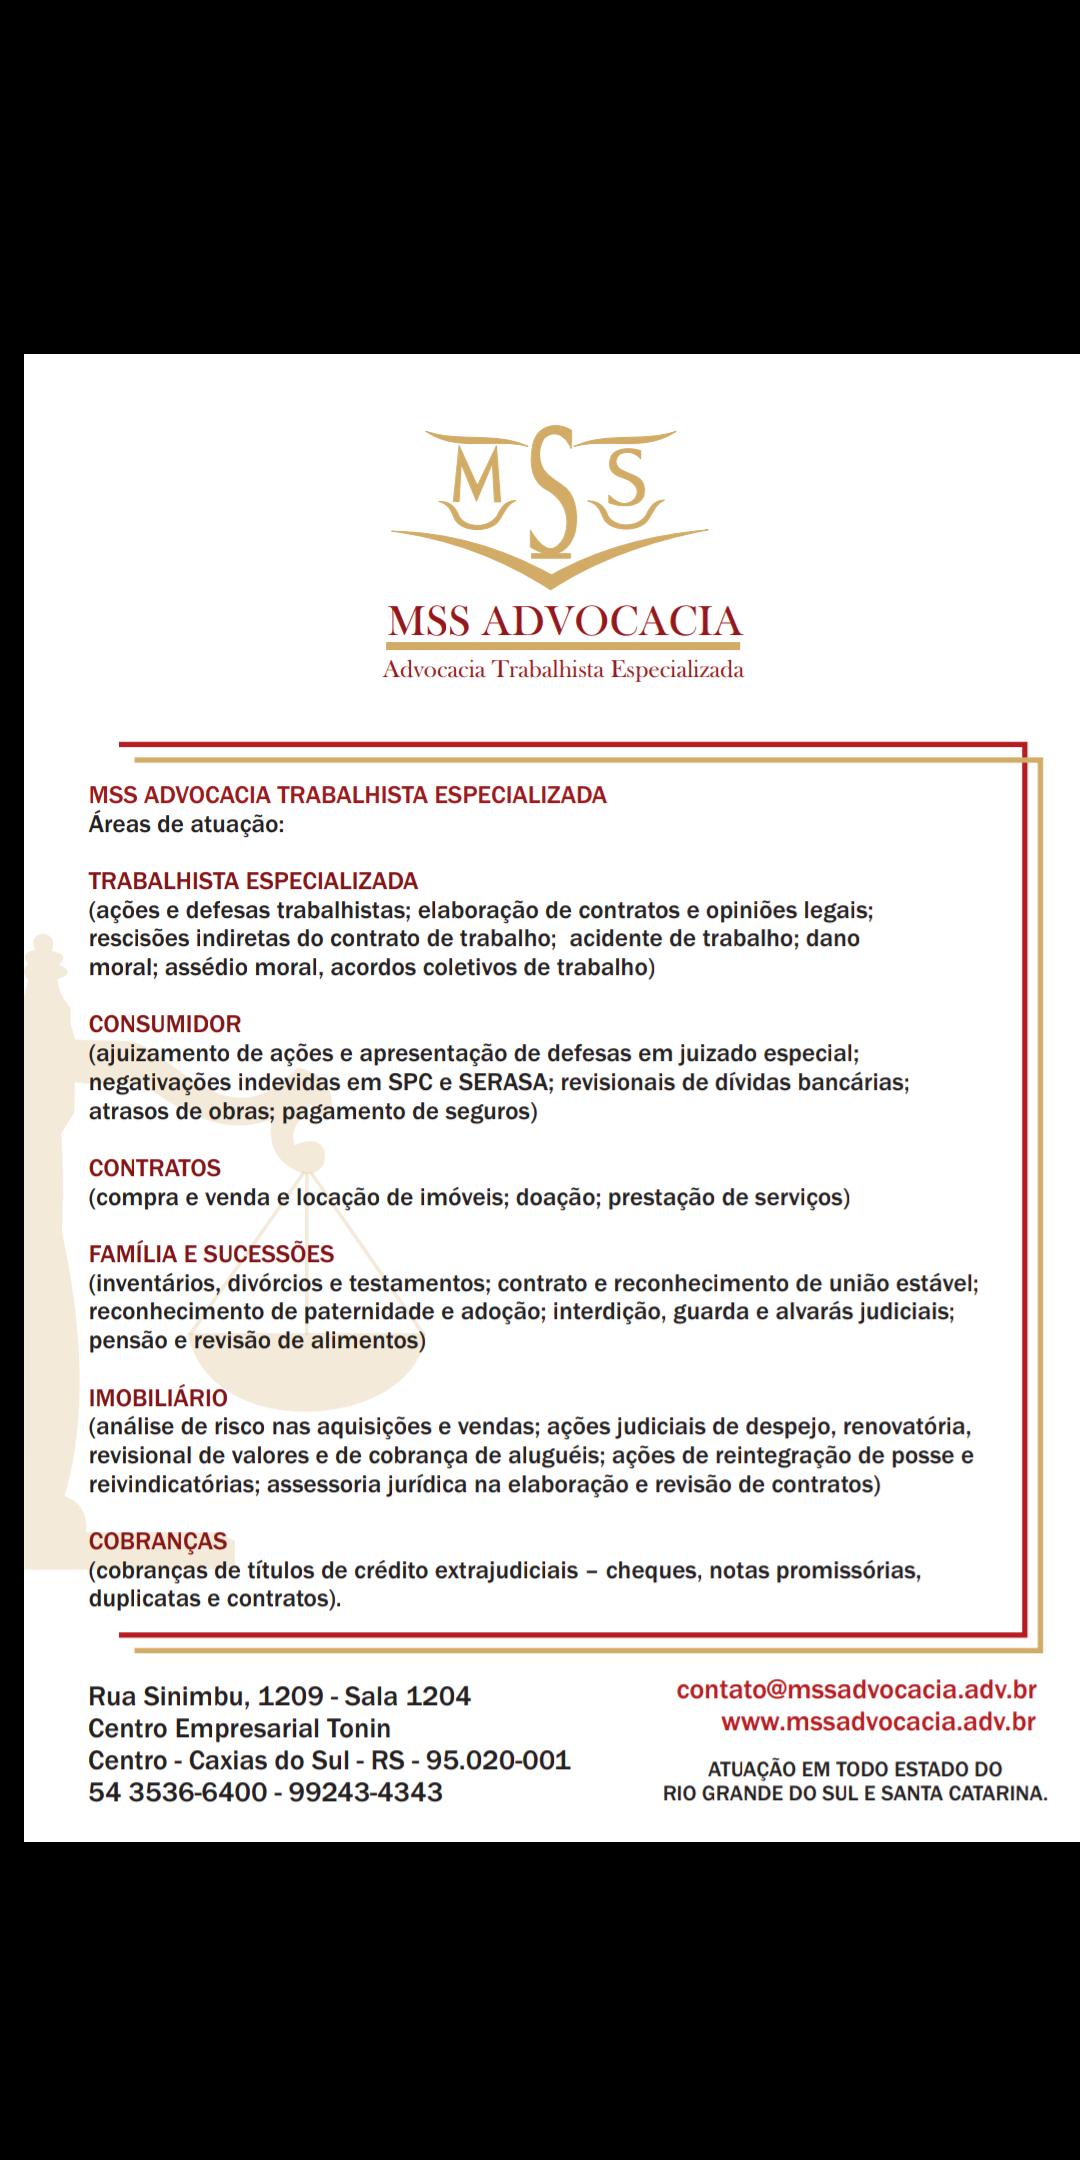 MMS ADVOCACIA